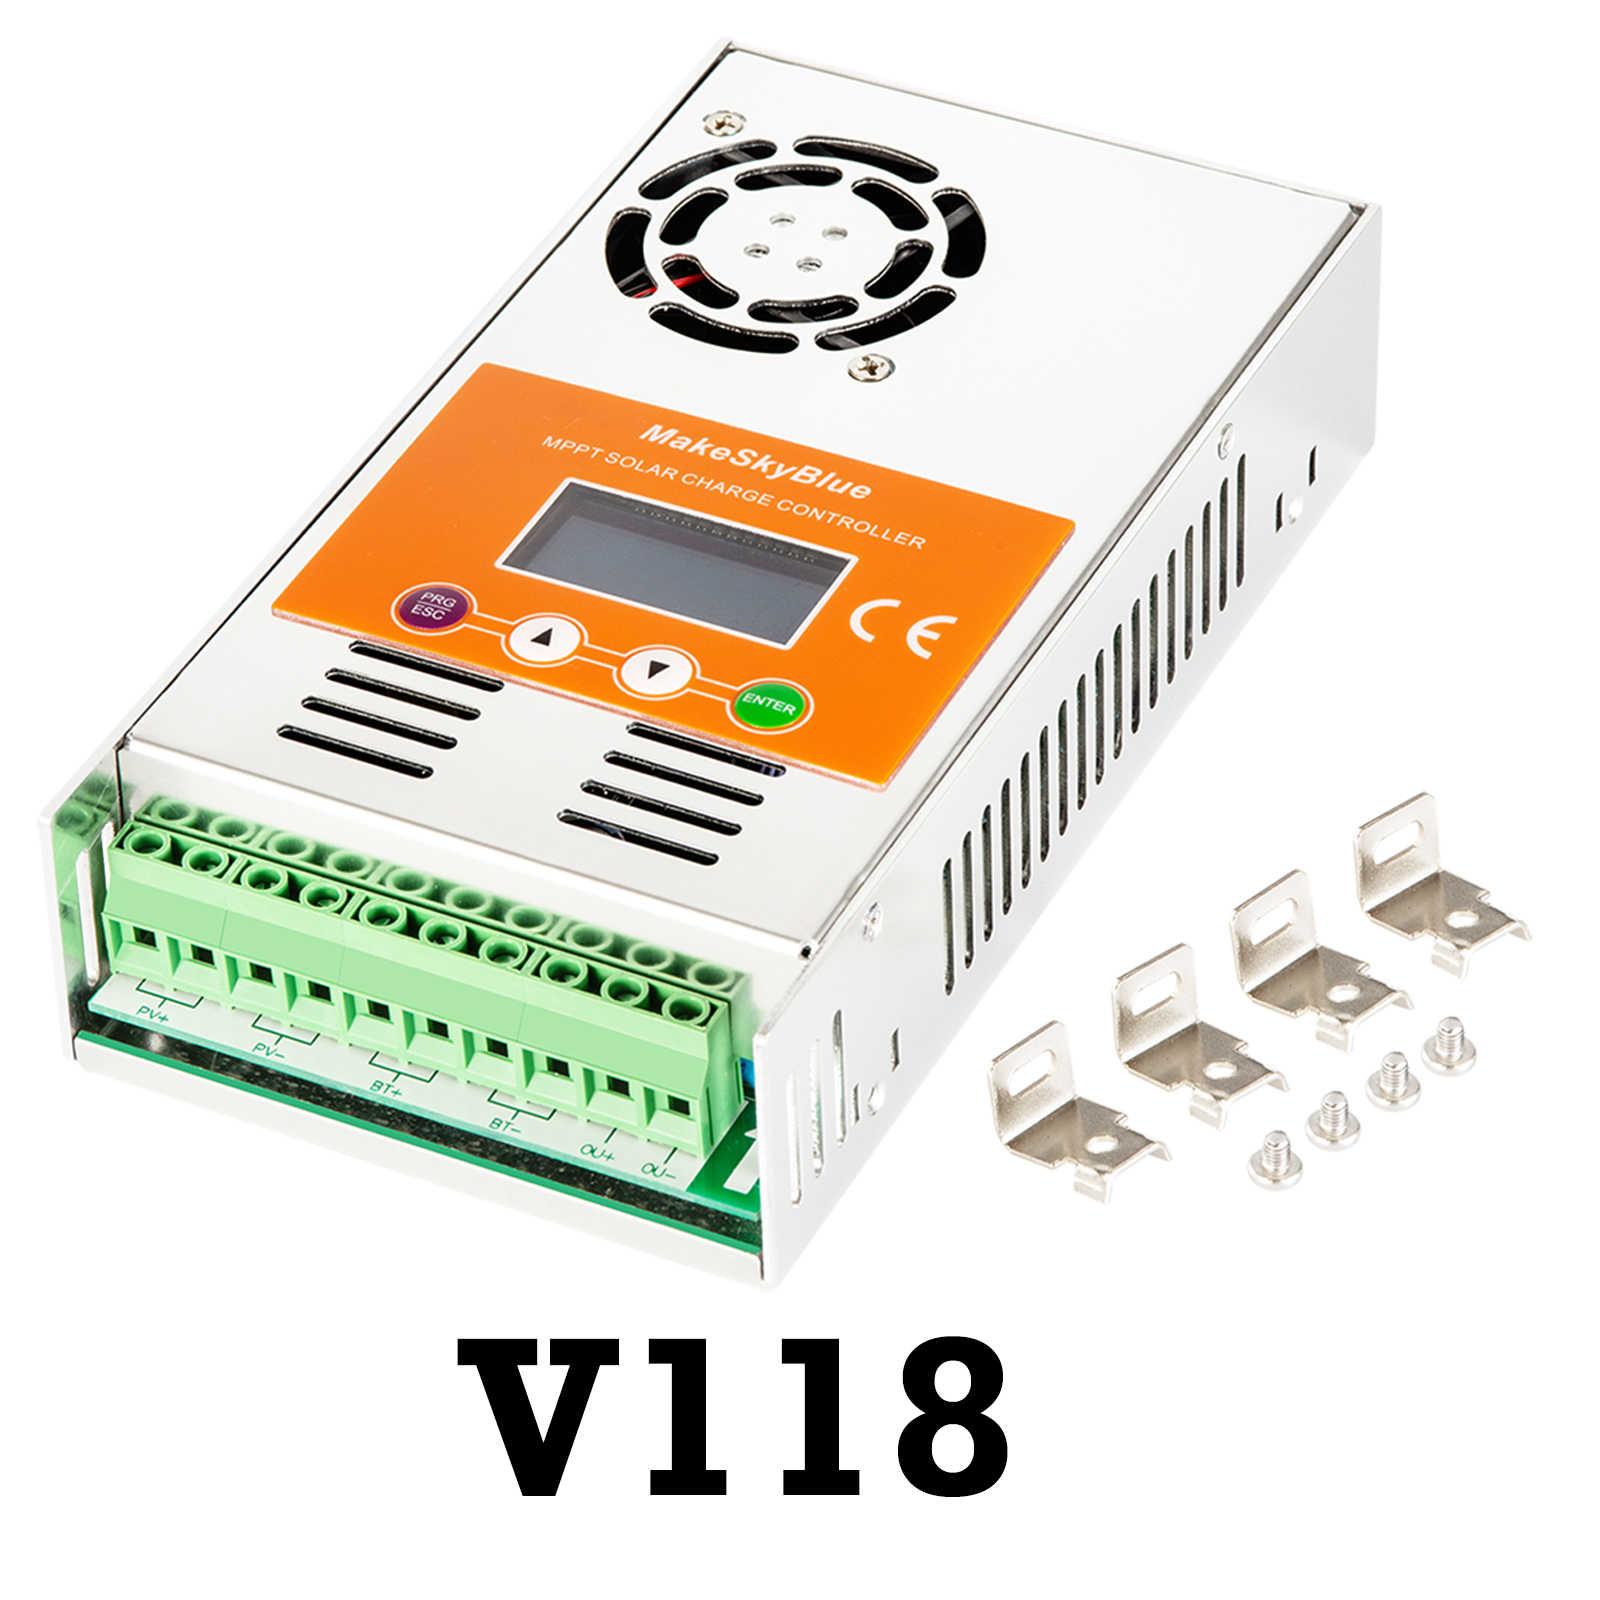 MakeSkyBlue MPPT Солнечный контроллер заряда 60A-V118 регулятор мощности для 12 В 24 в 36 в 48 в свинцово-кислотный гель LiFePO4 литиевая батарея lcd